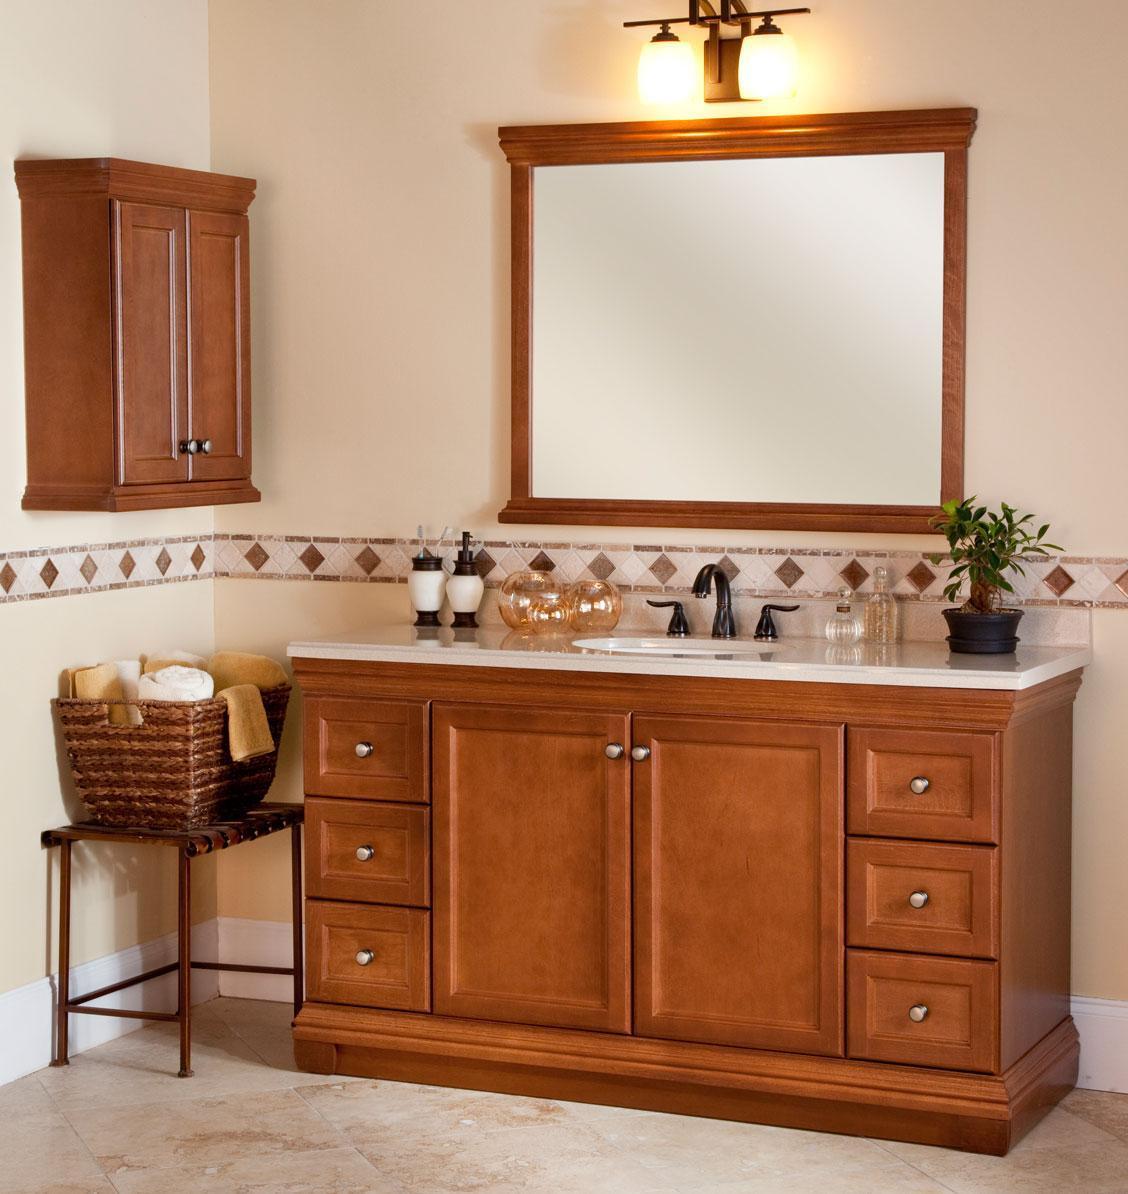 Muebles De Baño De Madera Clasicos : Muebles cl?sicos de madera anchos gb del cuarto